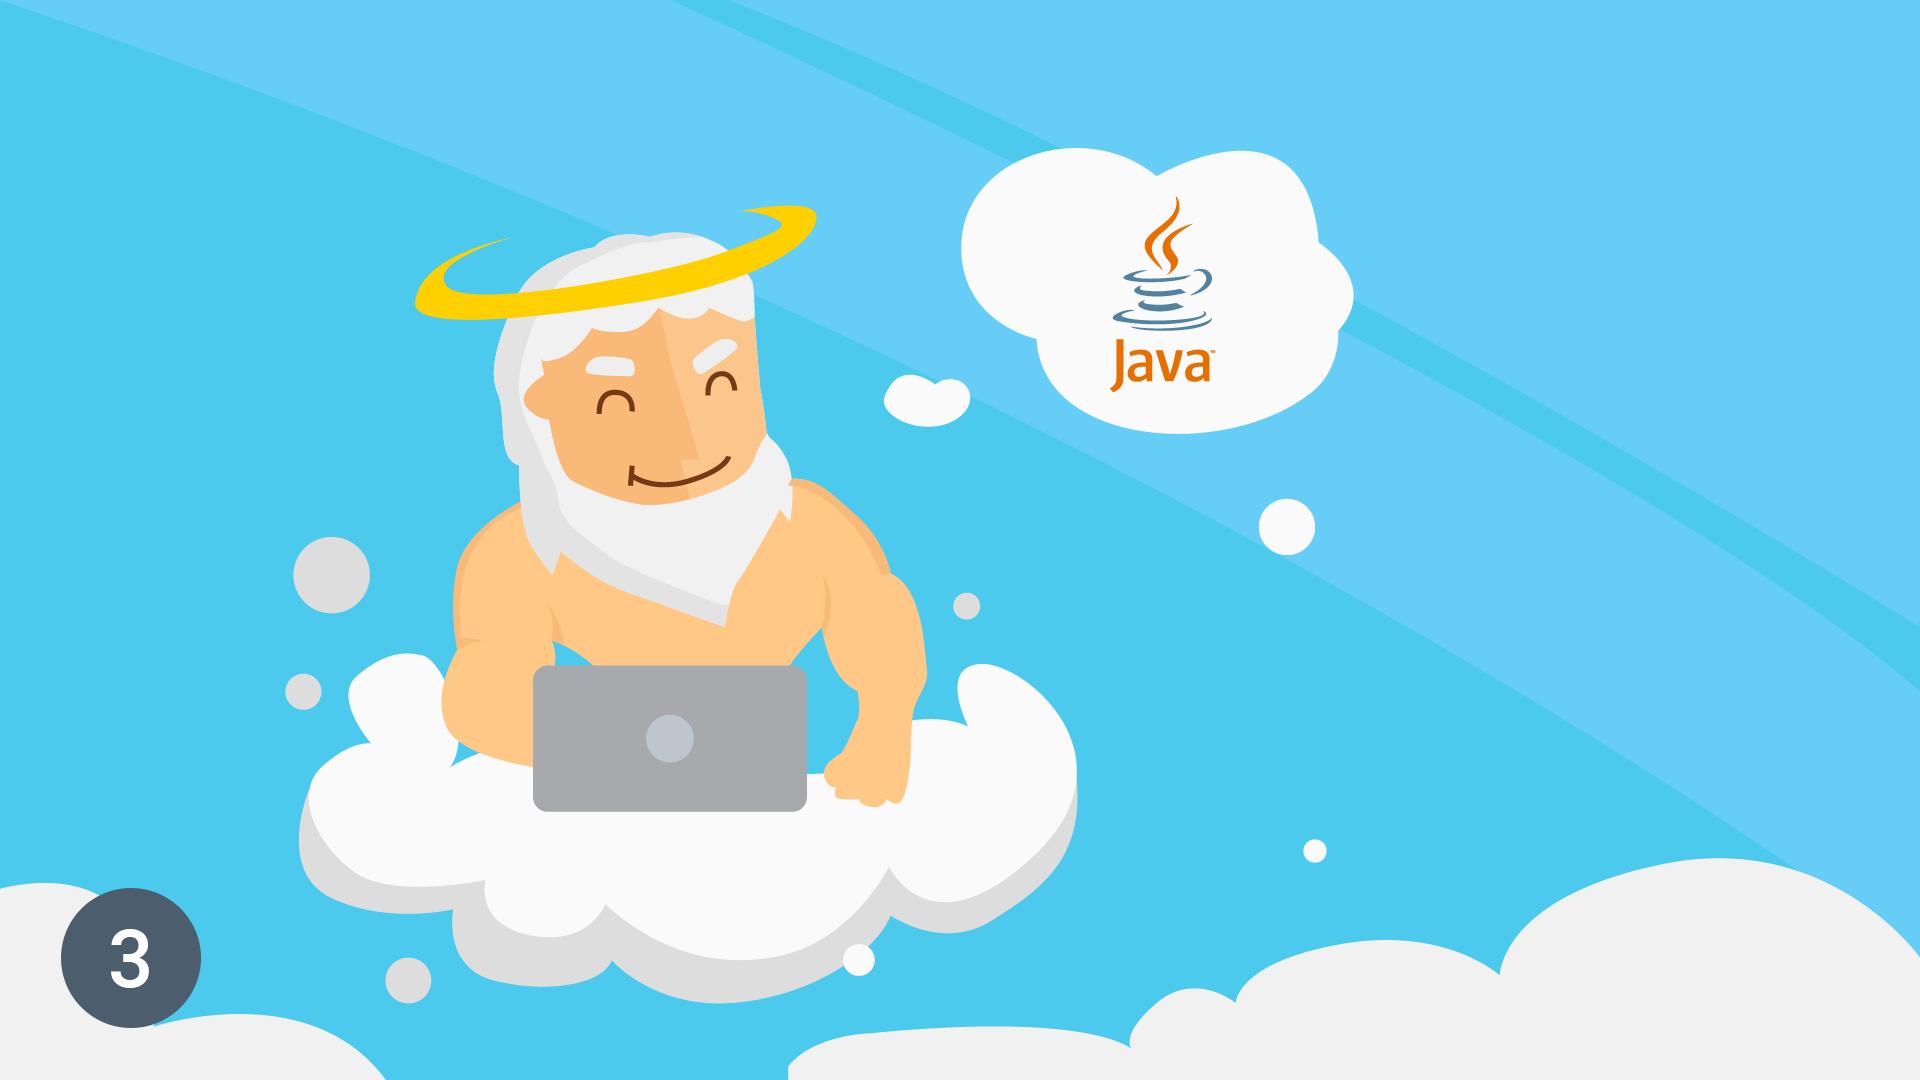 Вебинар Почувствуй себя богом, или Моделирование жизни на Java. Часть III фото